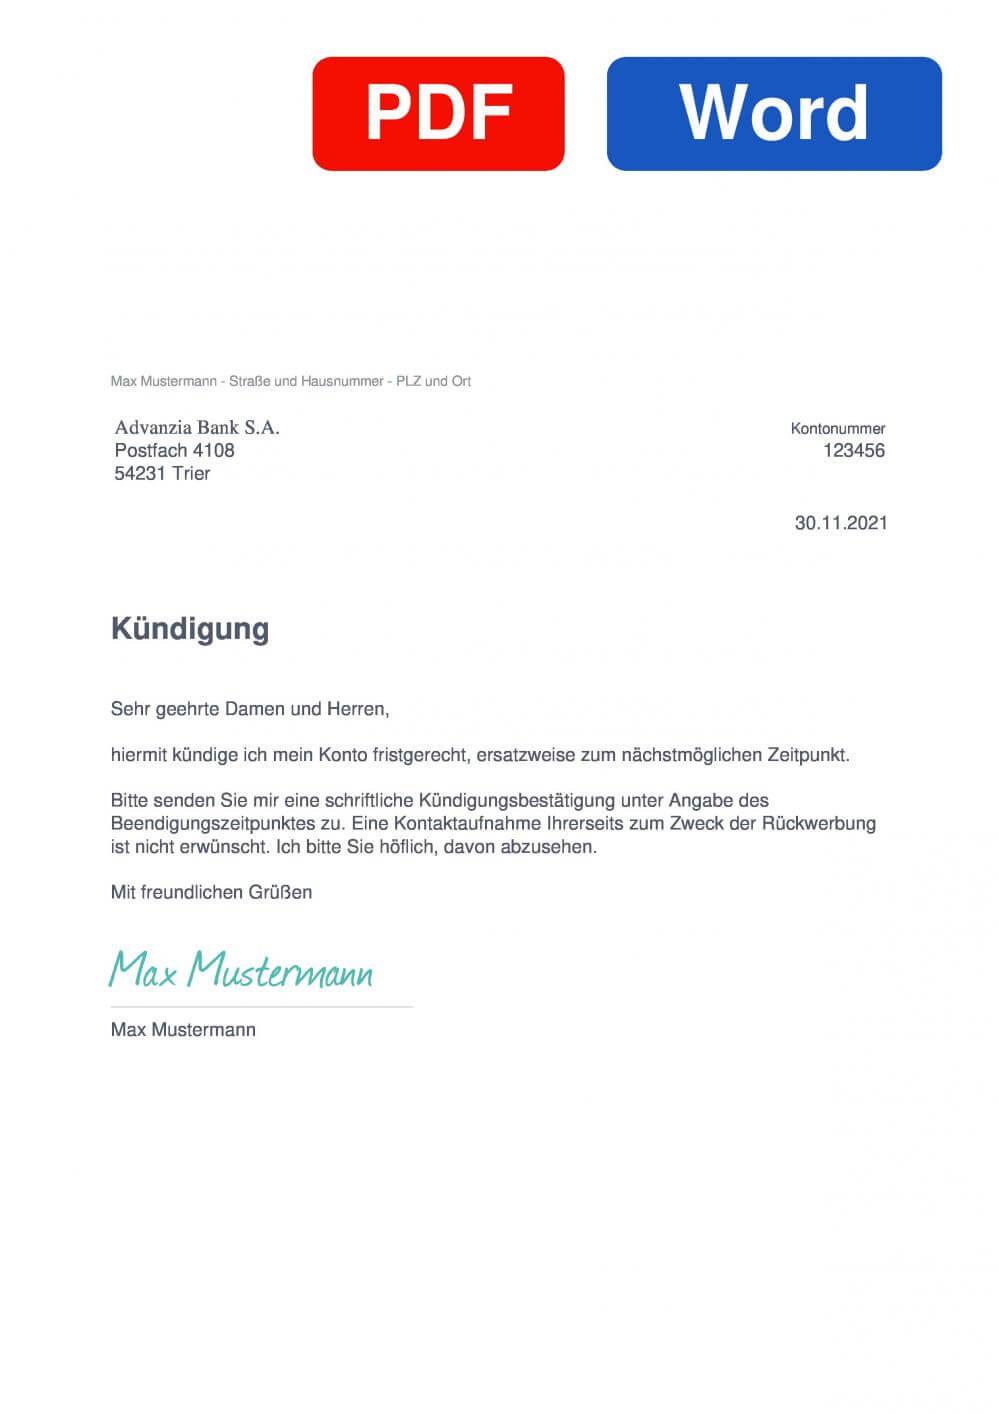 Advanzia Bank Muster Vorlage für Kündigungsschreiben